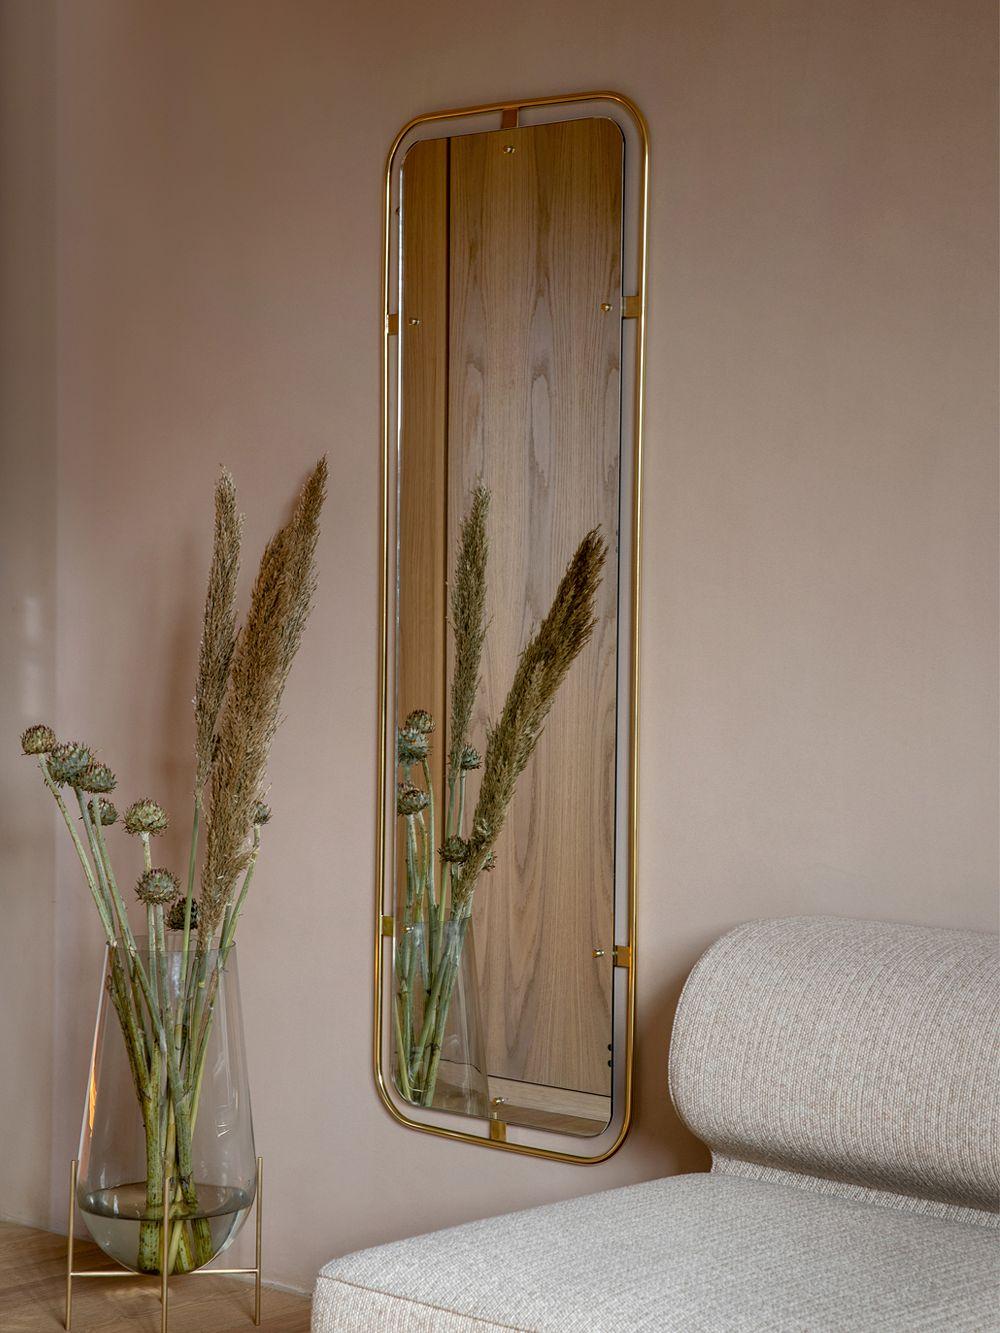 Menu's Nimbus mirror in living room decor.